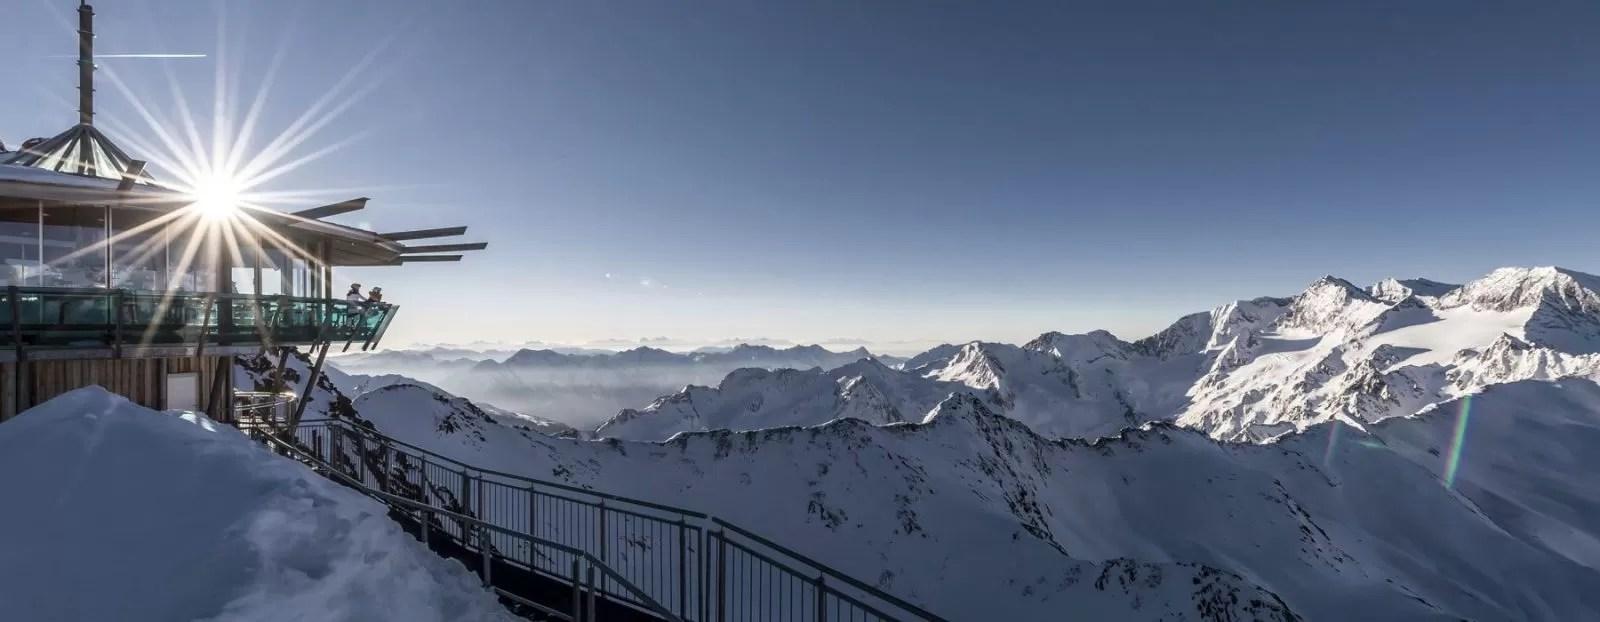 De vijf mooiste uitzichtspunten in de bergen